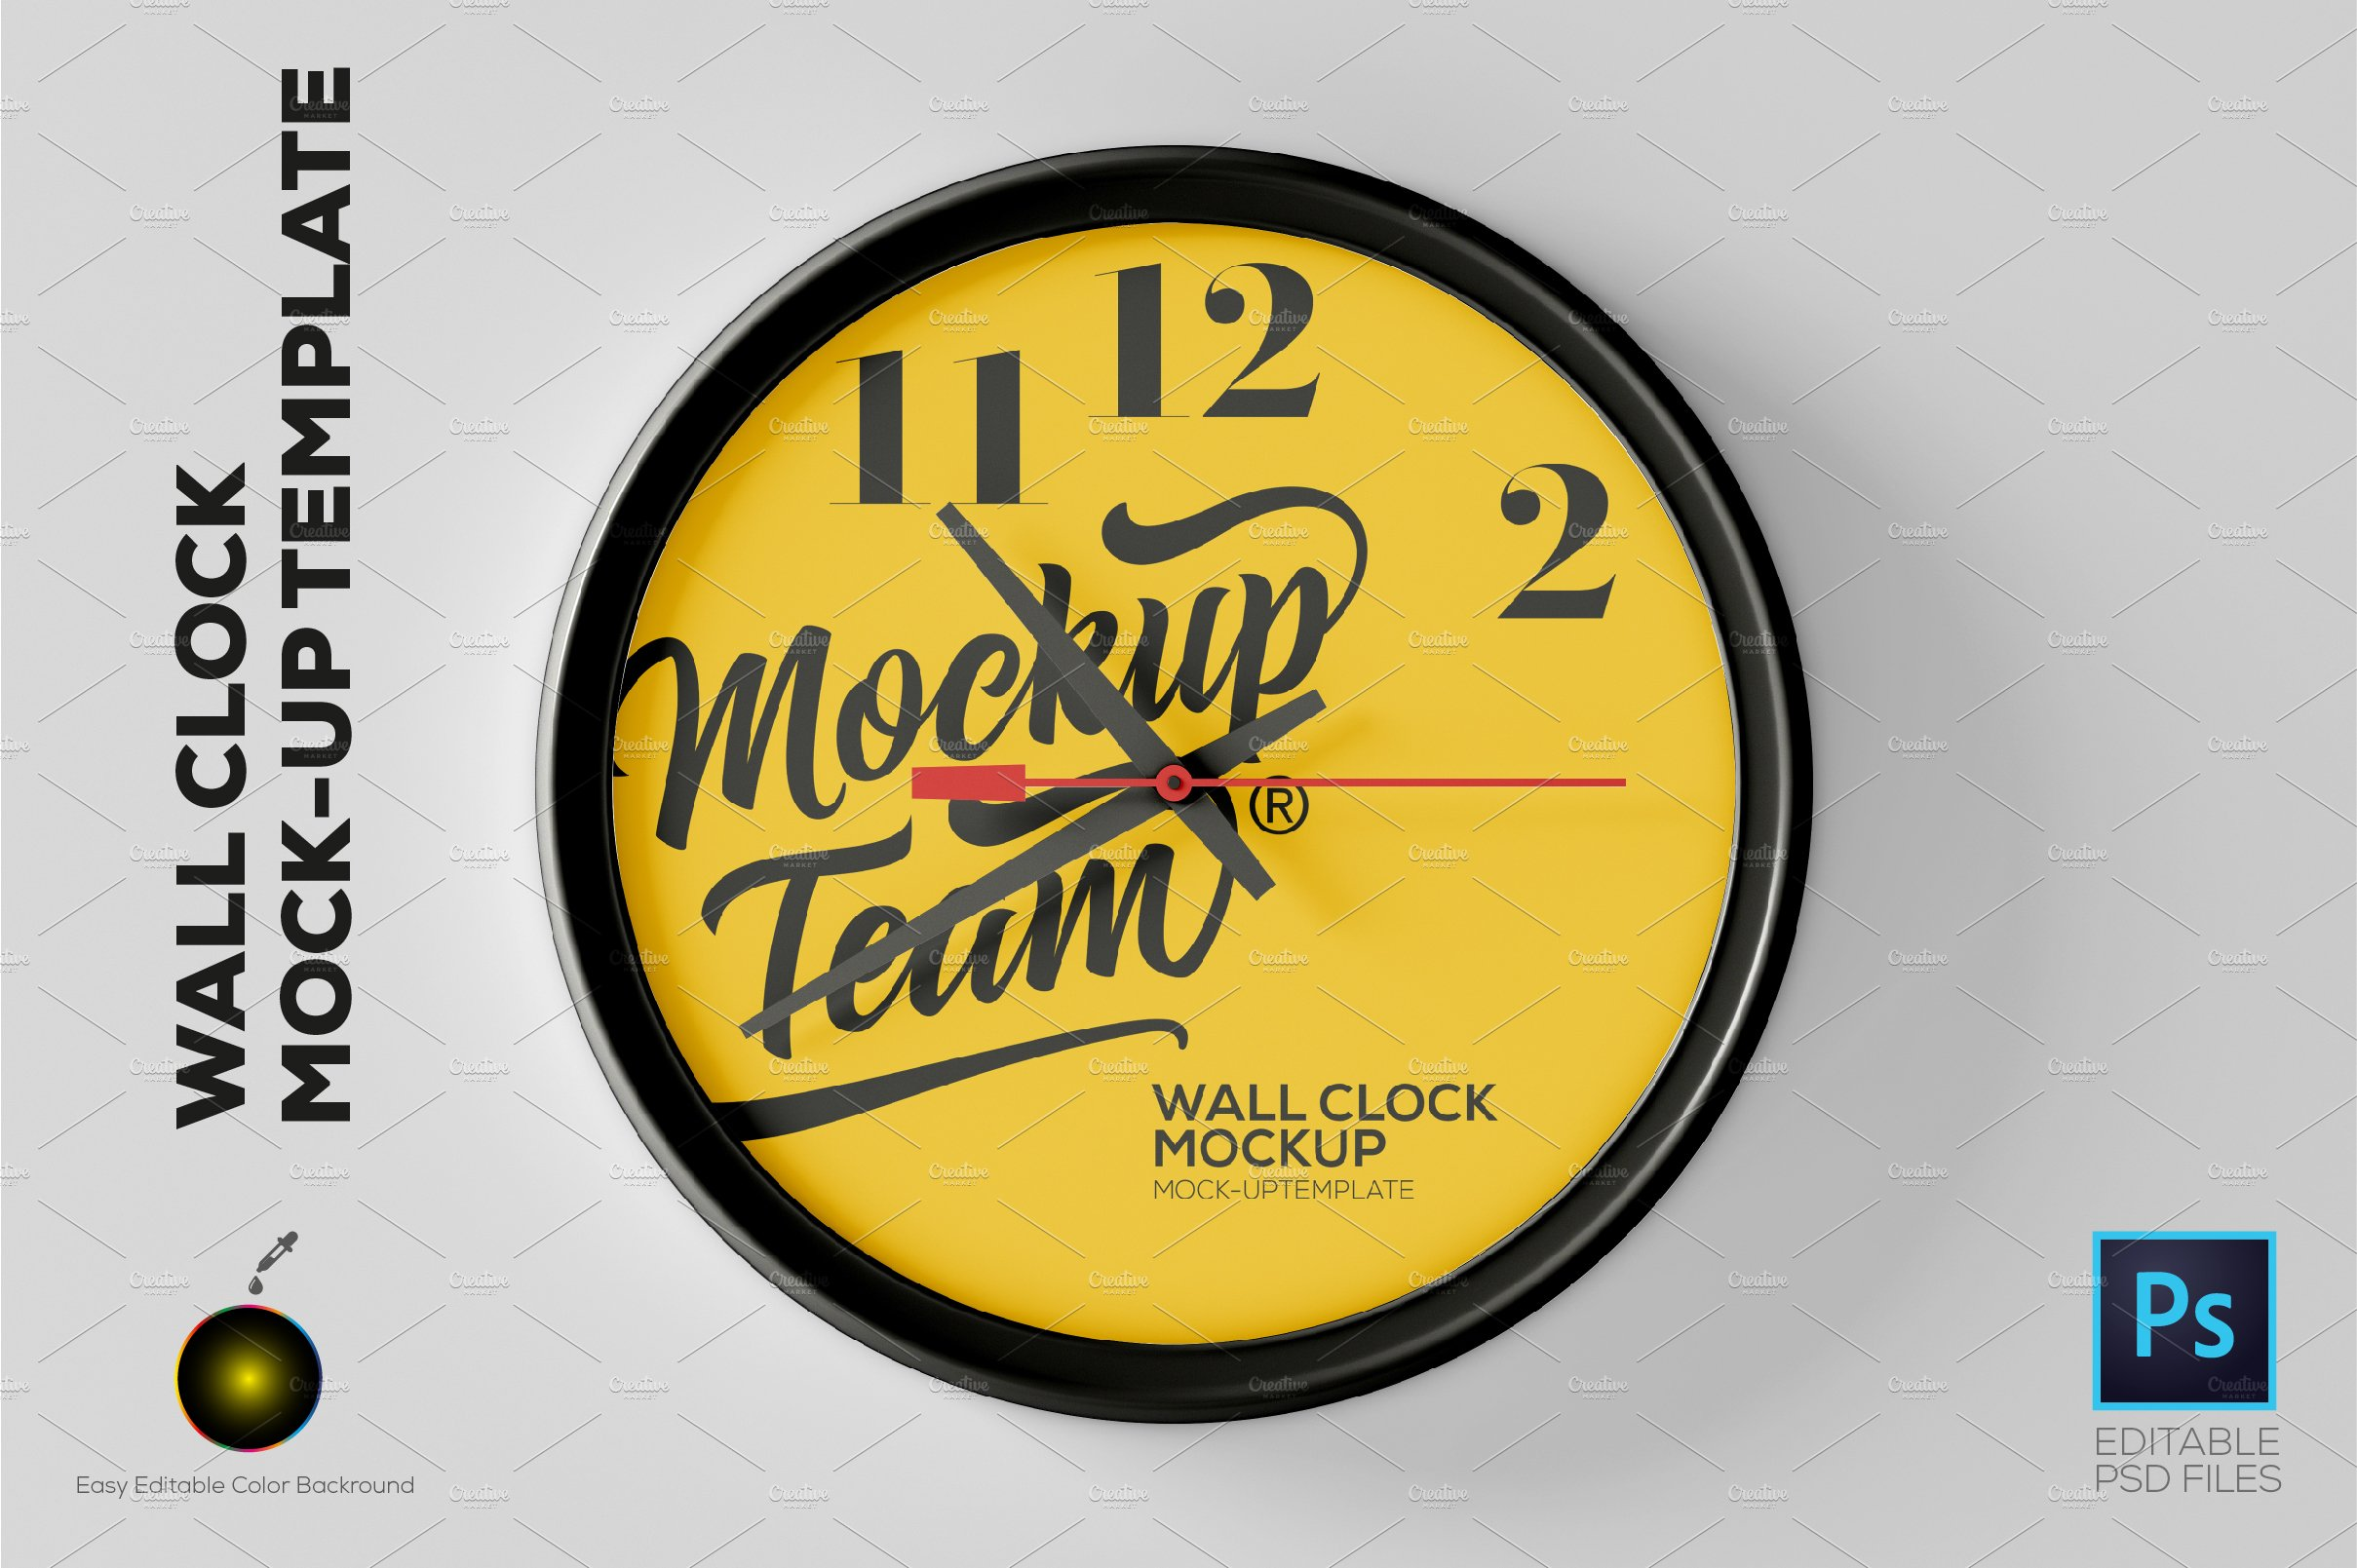 V1 wall clock mockup product mockups creative market wall clock mockup template amipublicfo Images